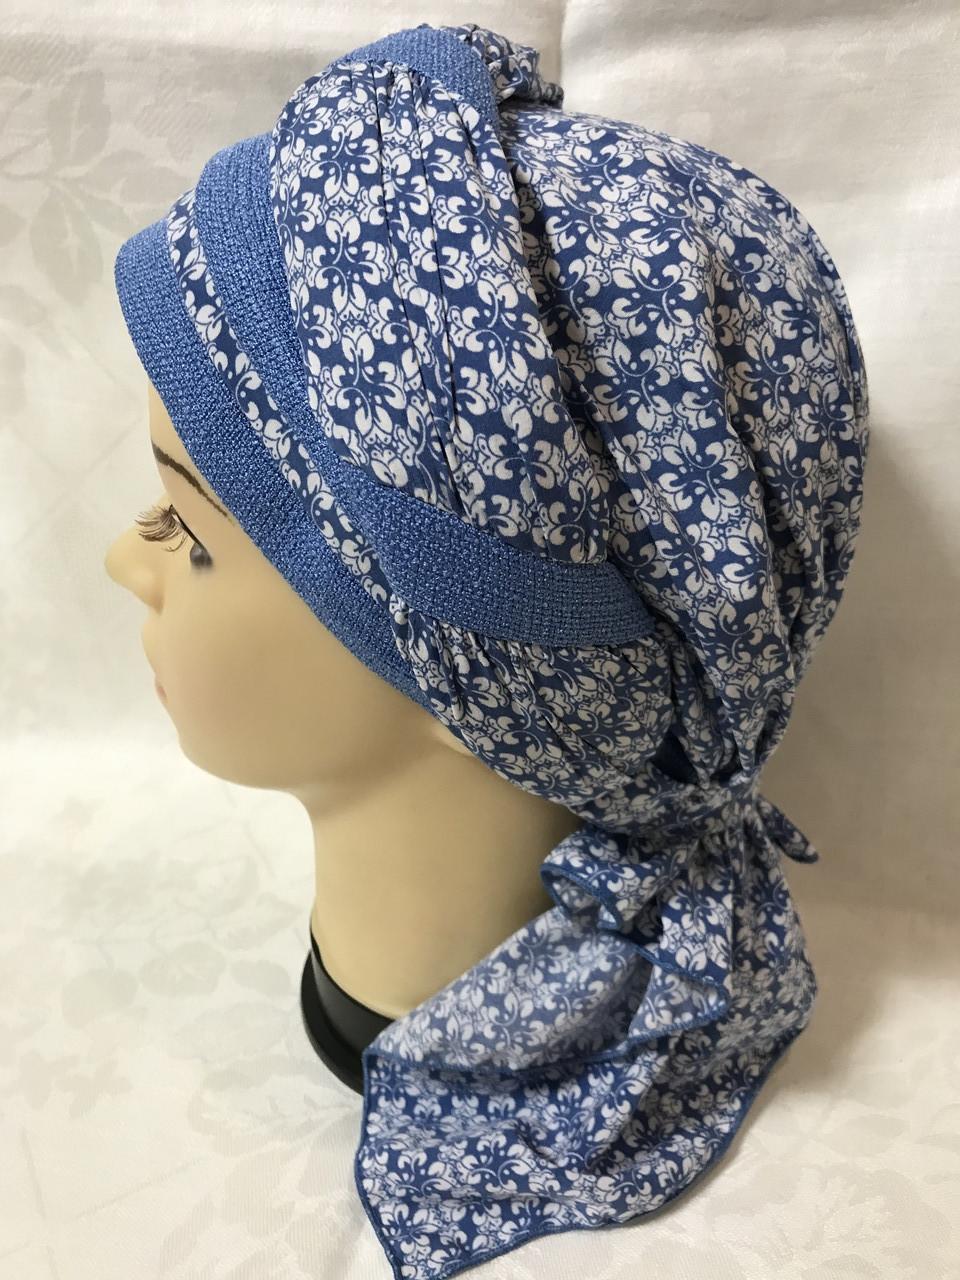 Летняя голубая бандана-шапка-косынка-тюрбан-чалма хлопковая с объёмной драпировкой Синий